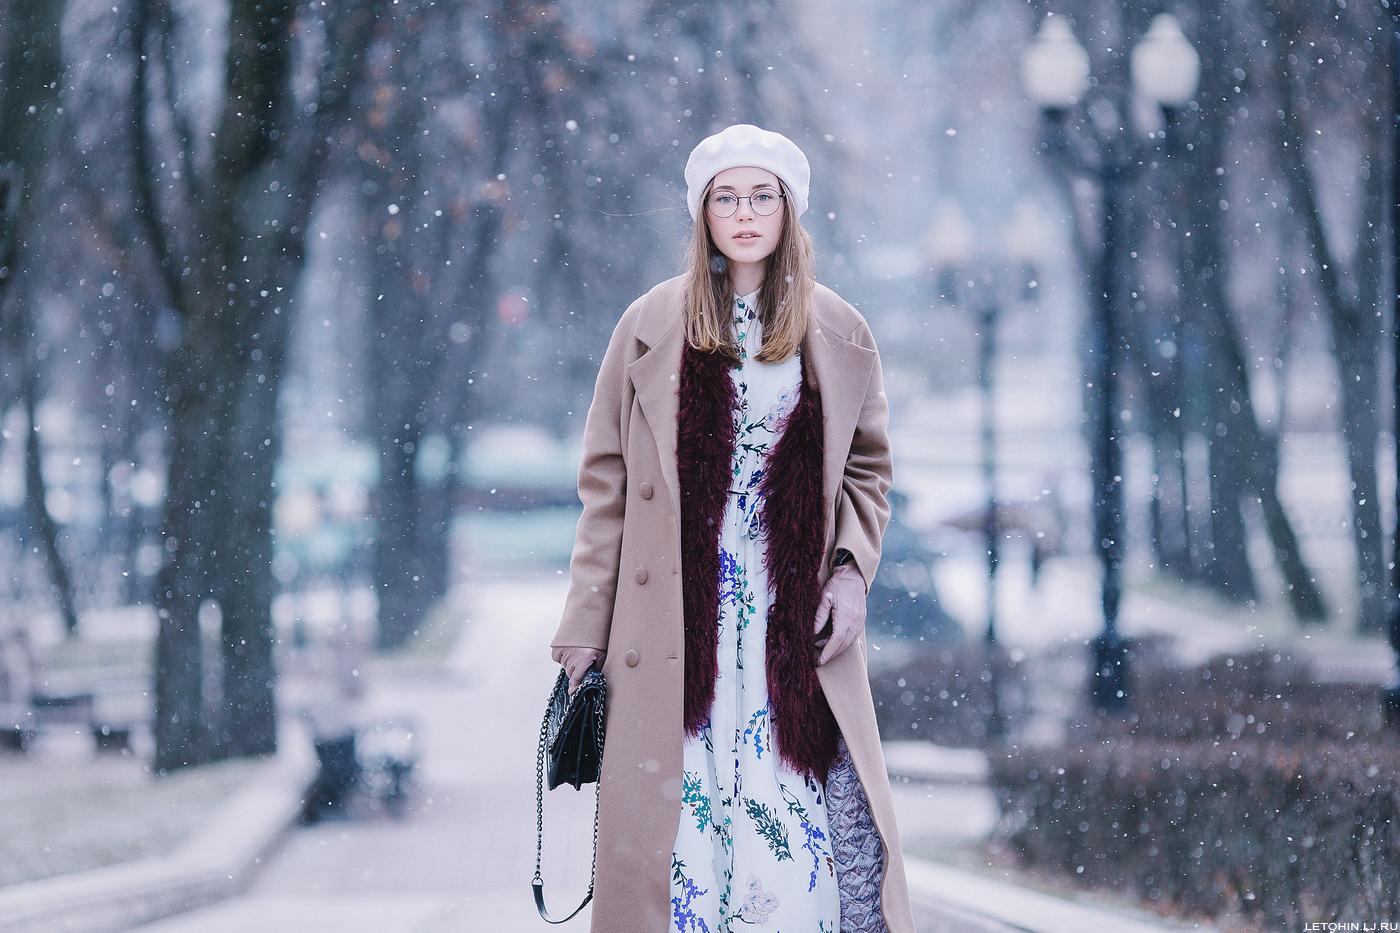 Может ли девушка быть красивой когда холодно?